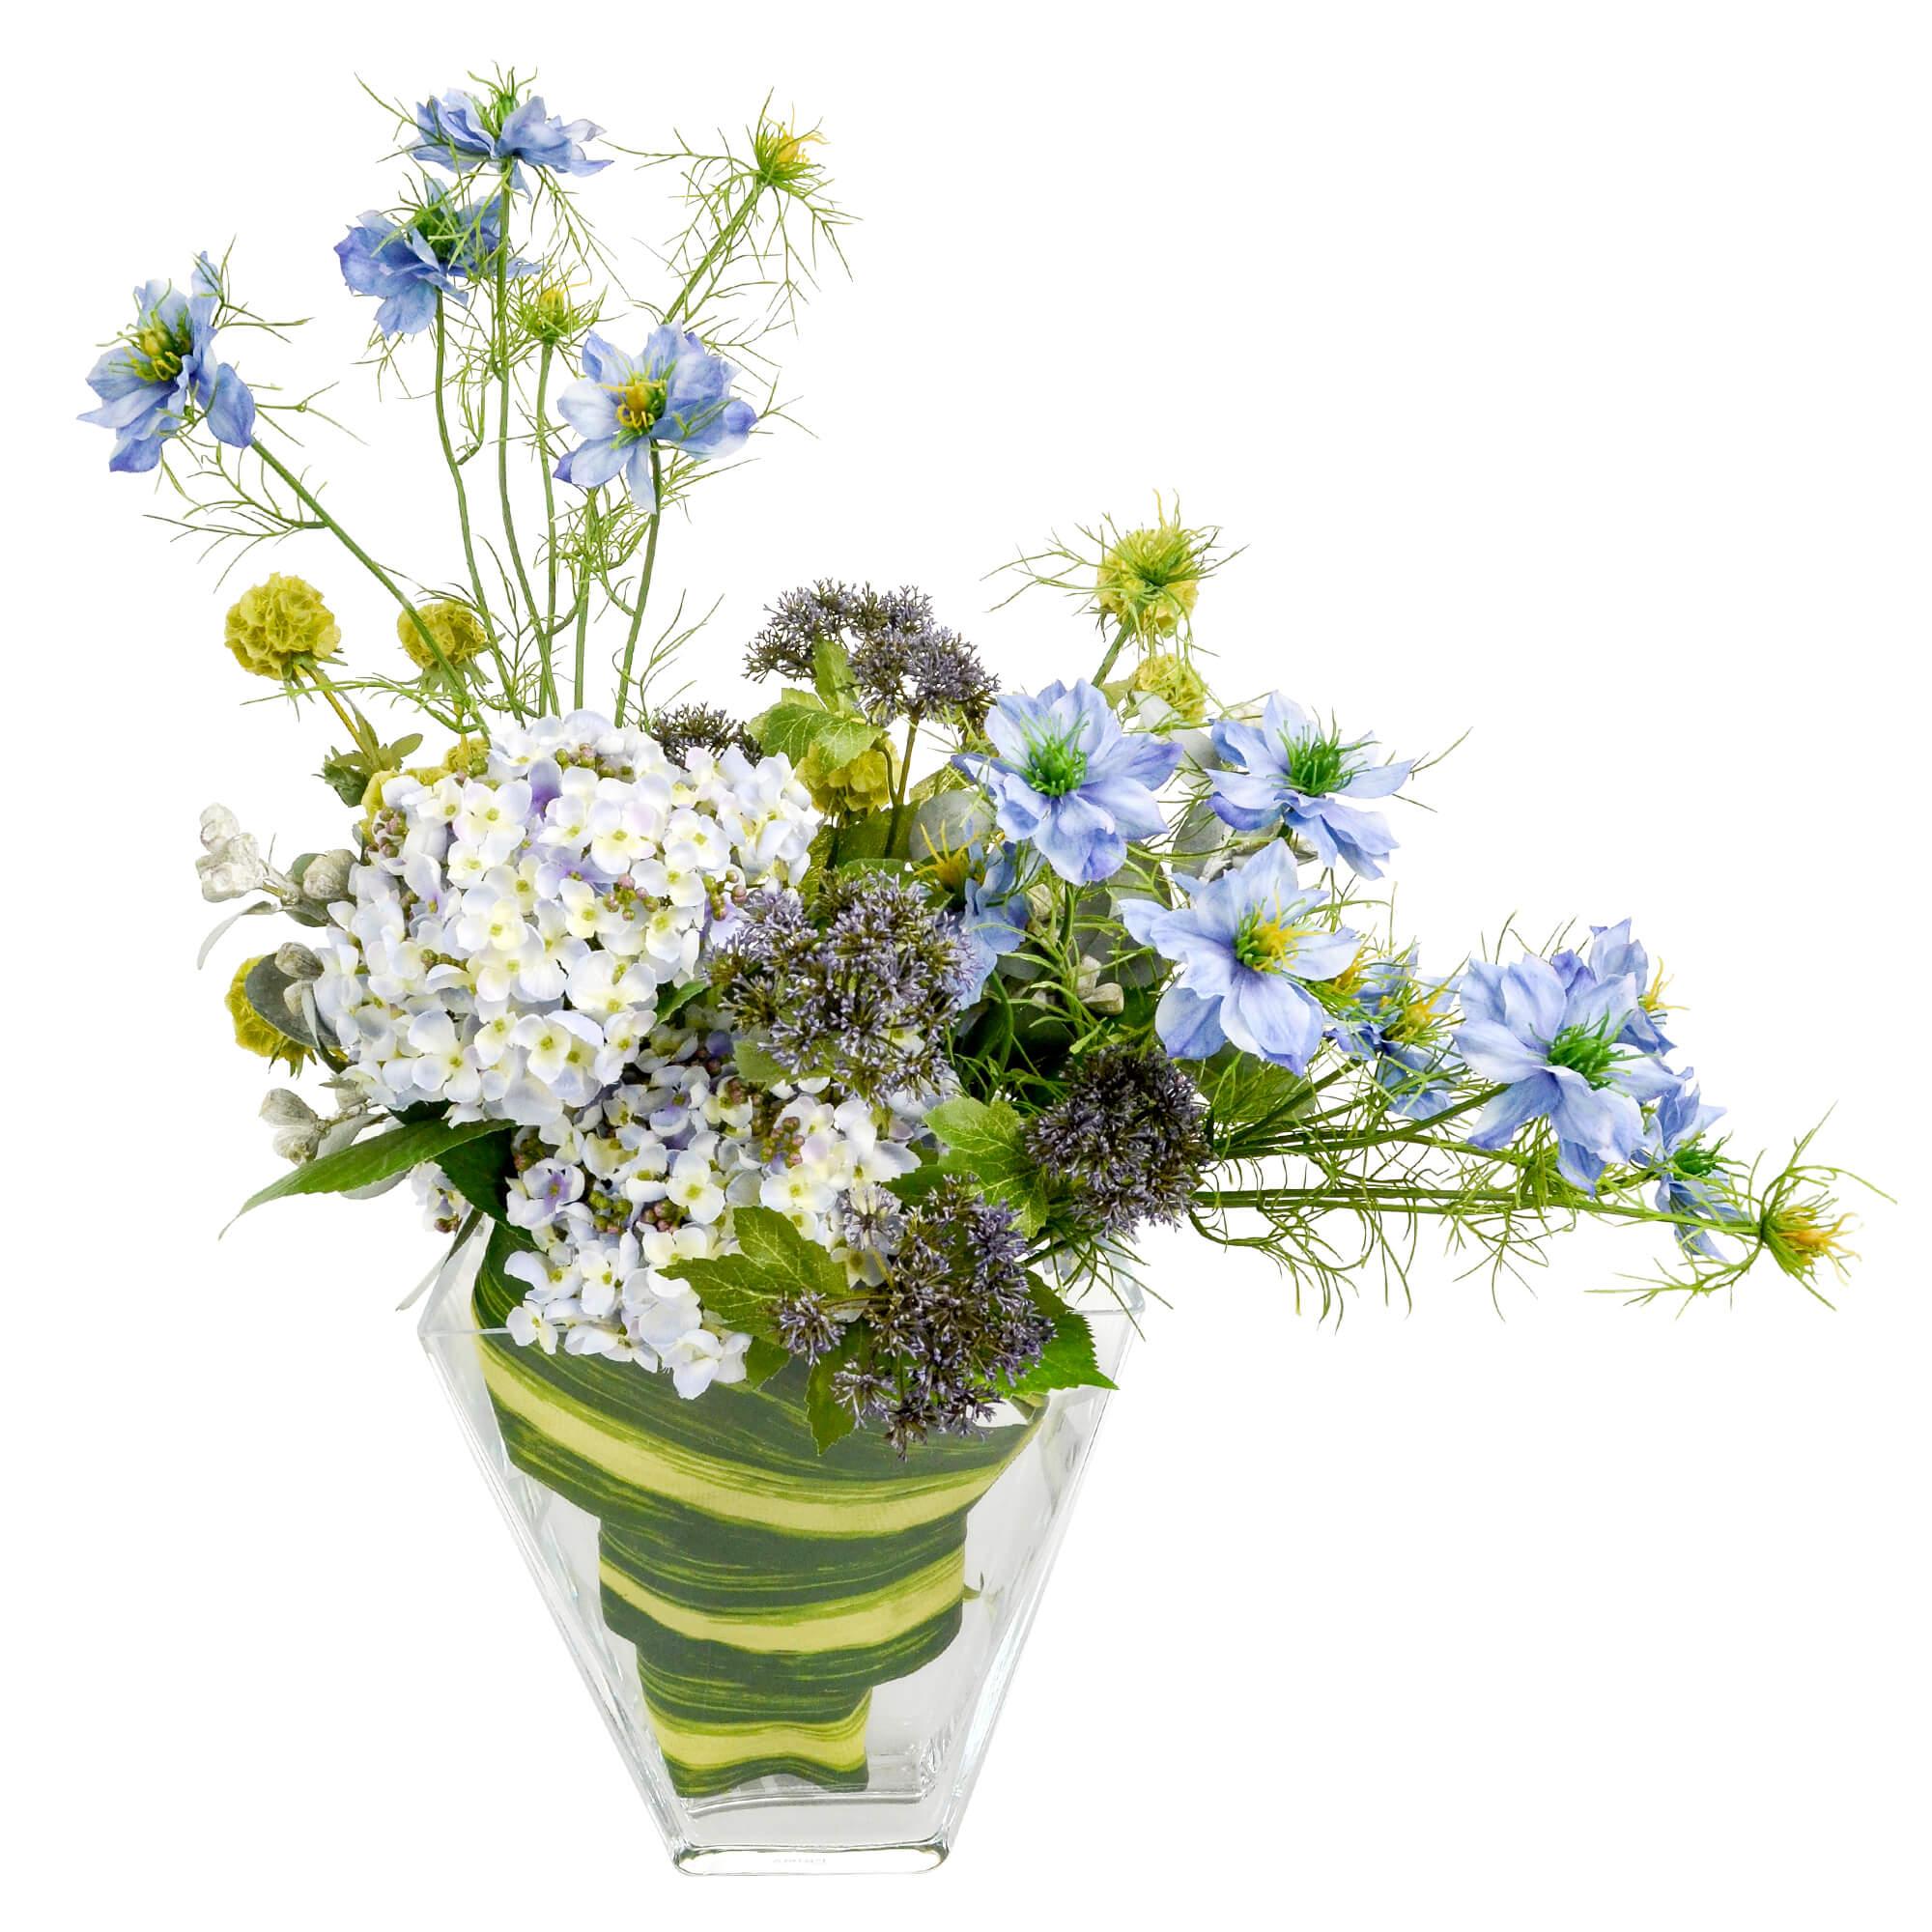 【39ショップ】【送料無料ライン対応】ニゲラとアジサイのレクトベースアレンジ 造花 アーティフィシャルフラワー PRIMA  あじさい 季節の花 贈り物 プレゼント